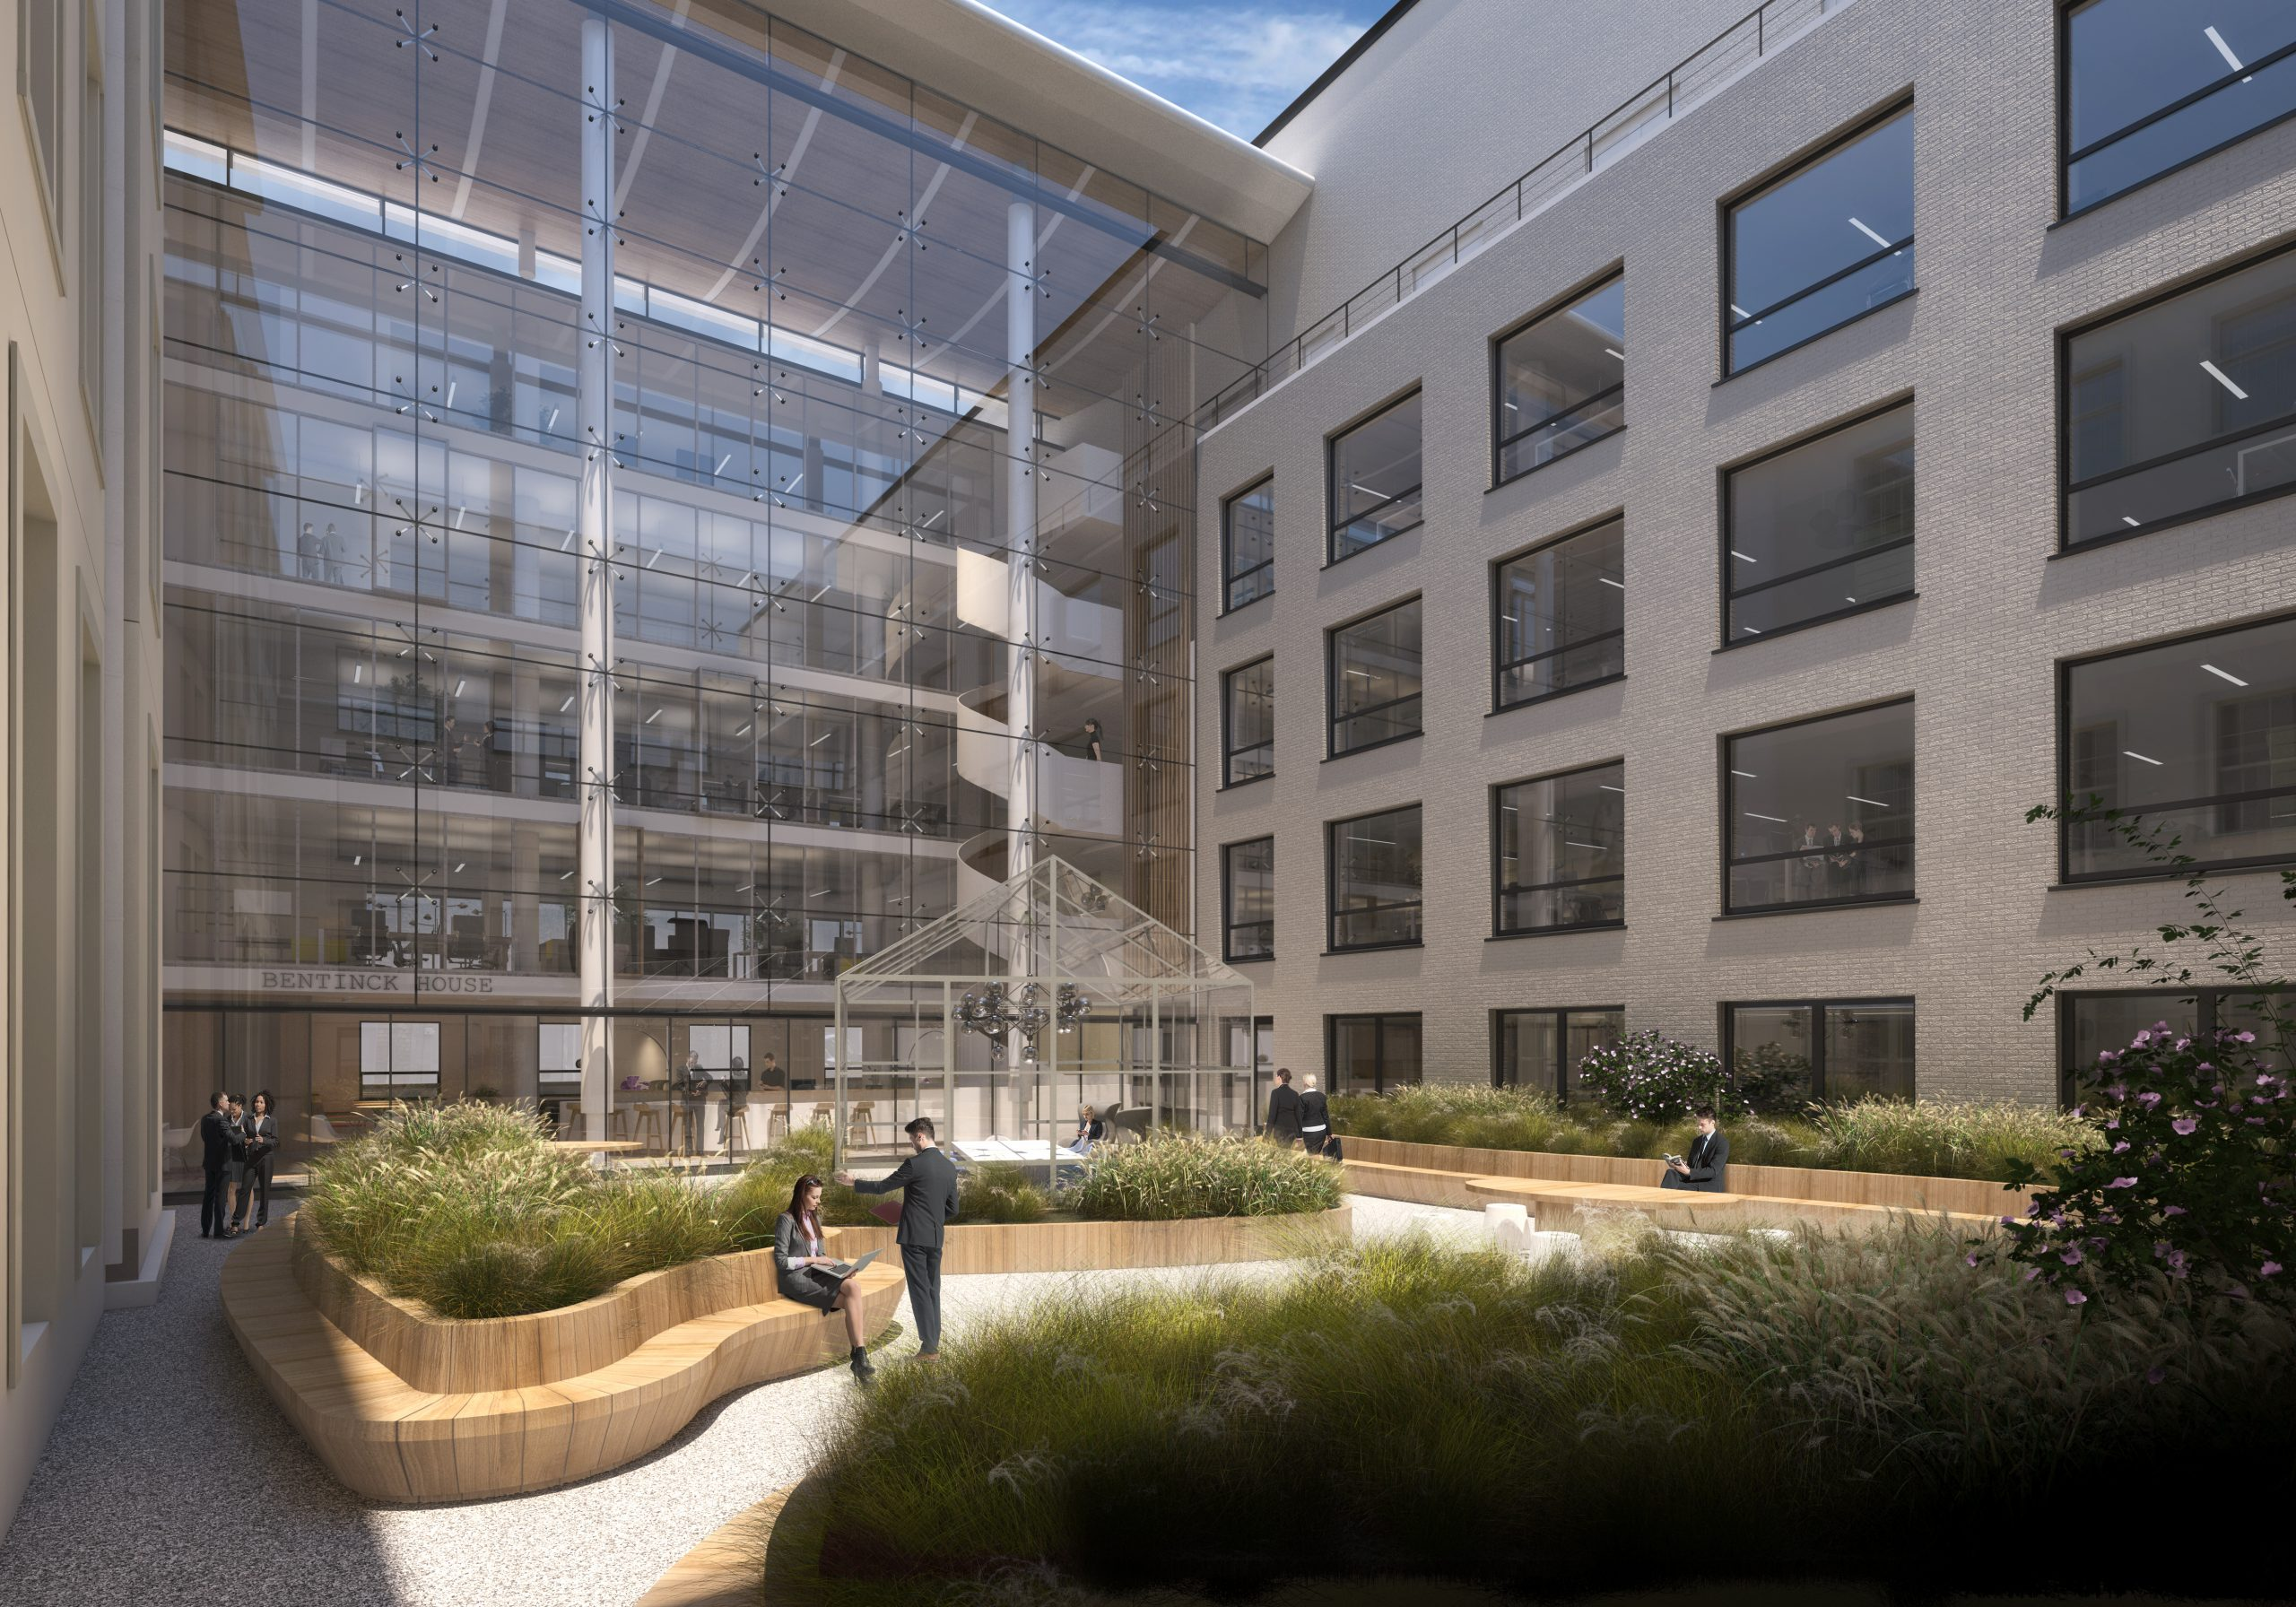 kantoor d binnentuin  Kentie & Partners Archtekten